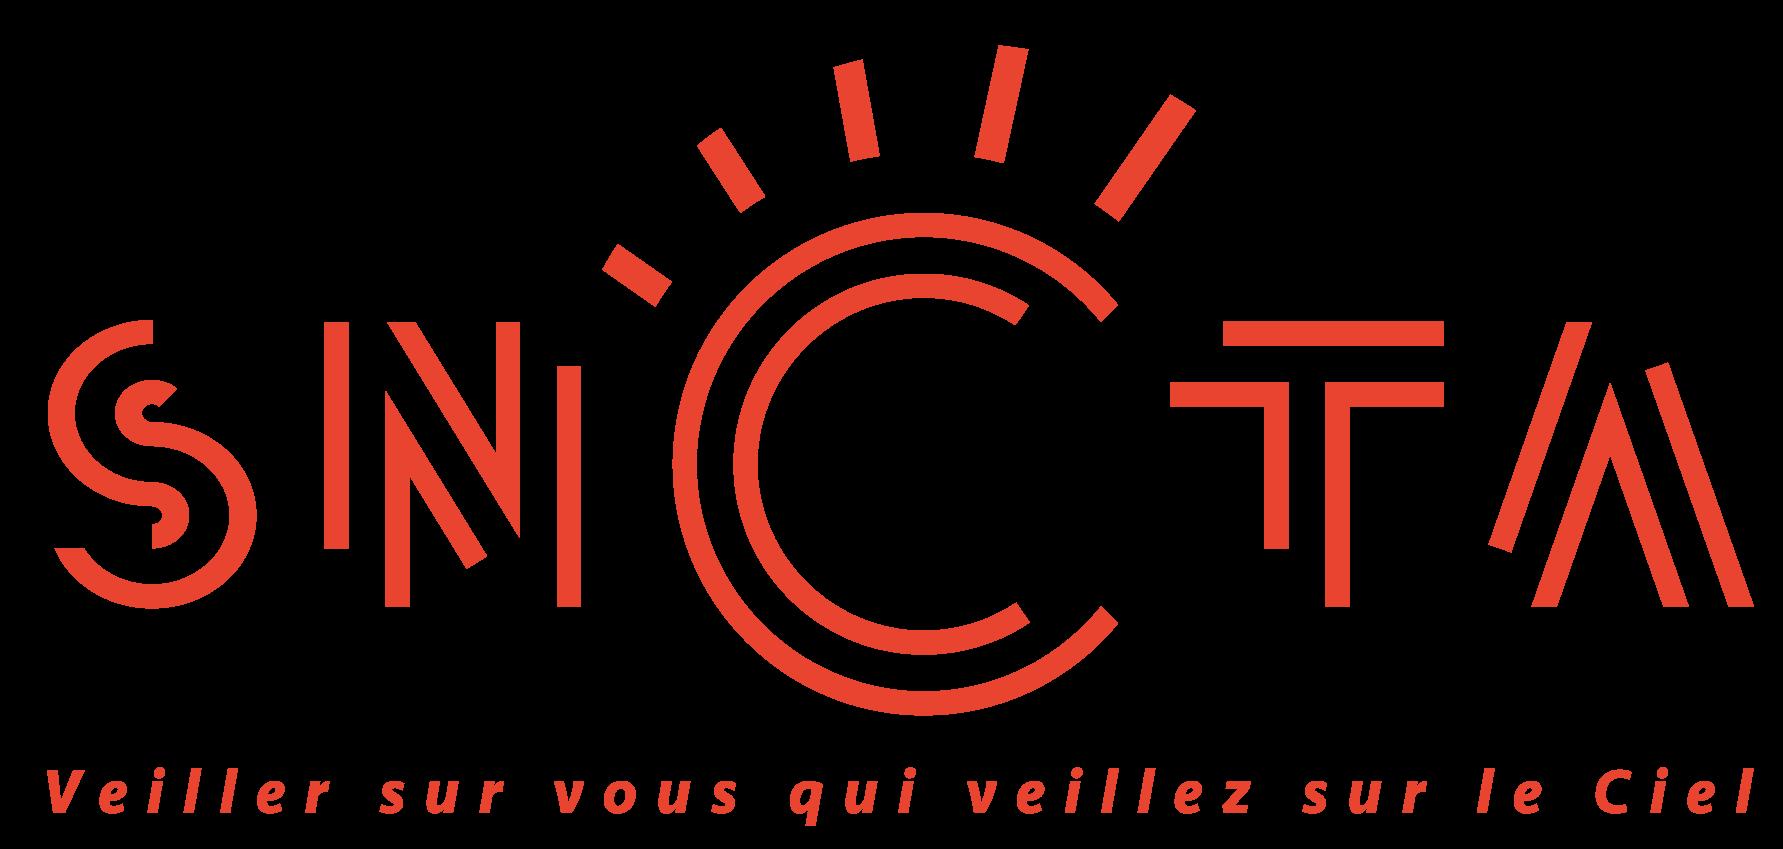 Congrès SNCTA 2019